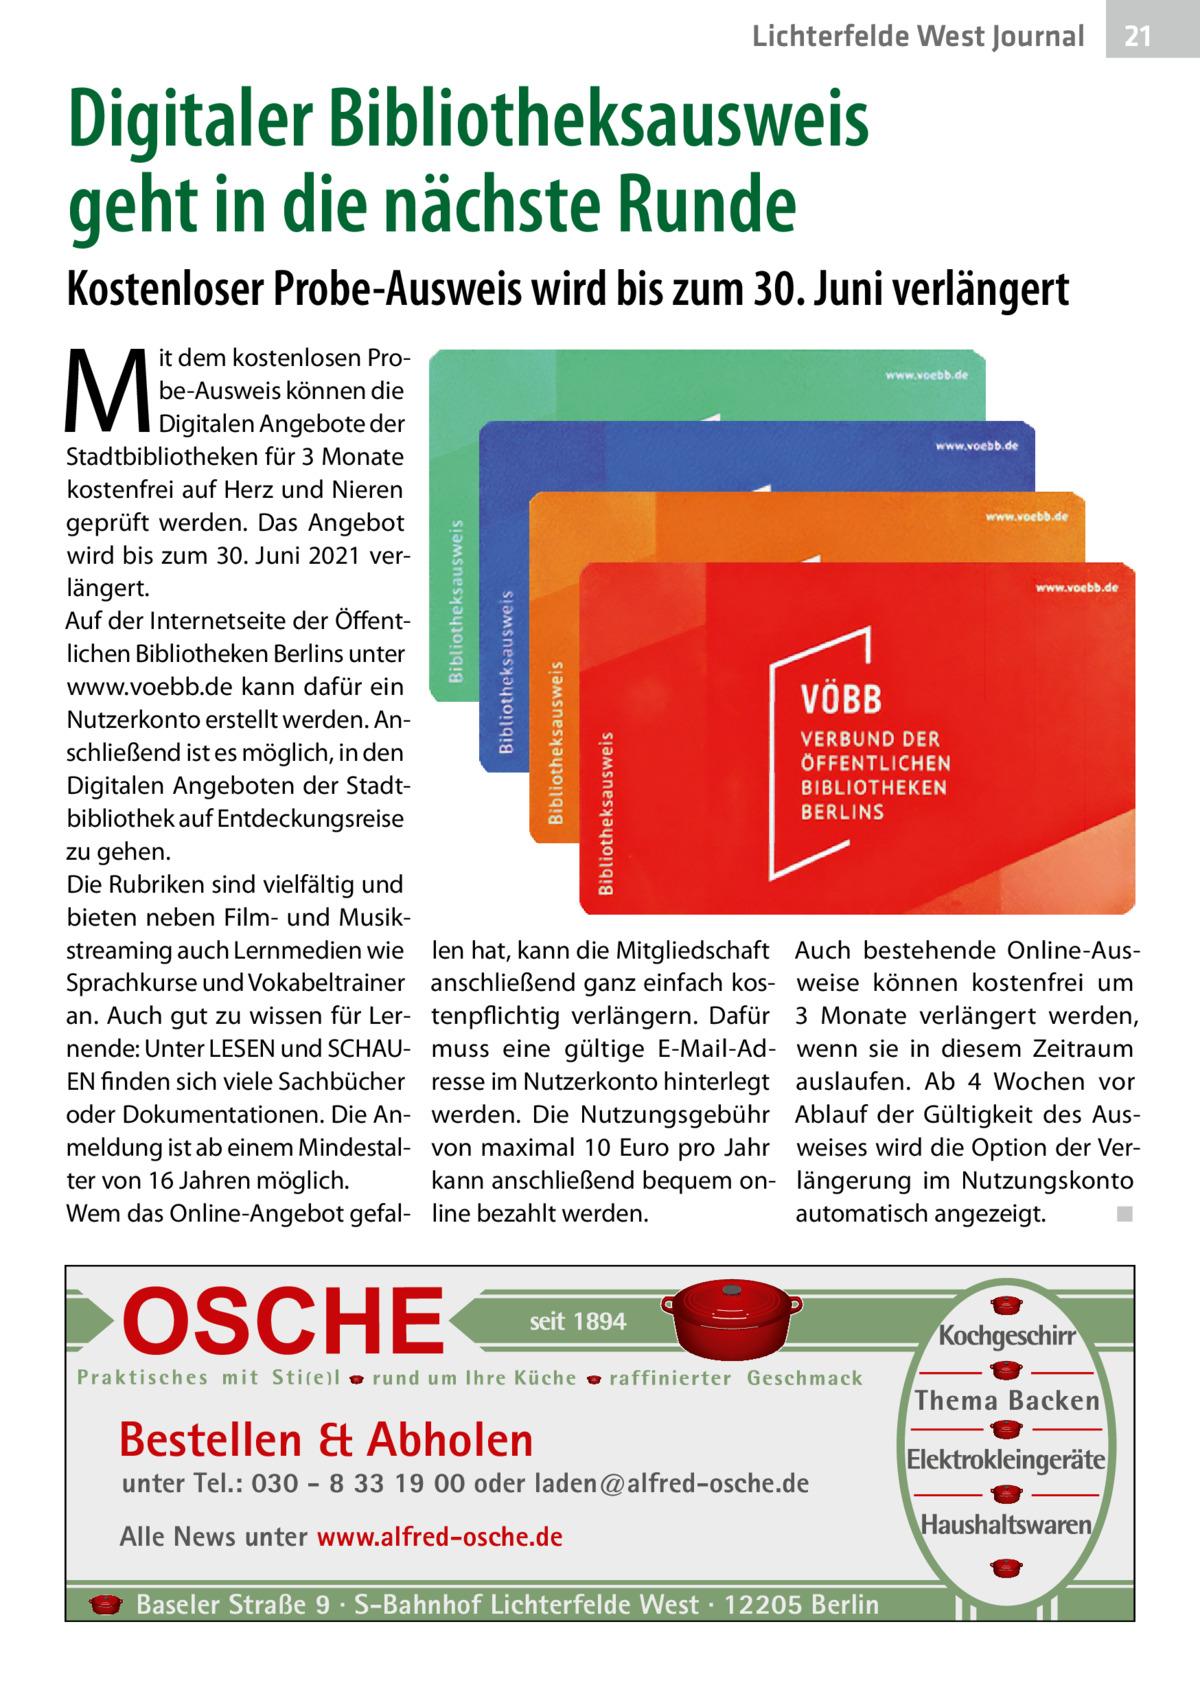 Lichterfelde West Journal  21 21  Digitaler Bibliotheksausweis geht in die nächste Runde Kostenloser Probe-Ausweis wird bis zum 30.Juni verlängert  M  it dem kostenlosen Probe-Ausweis können die Digitalen Angebote der Stadtbibliotheken für 3Monate kostenfrei auf Herz und Nieren geprüft werden. Das Angebot wird bis zum 30.Juni 2021 verlängert. Auf der Internetseite der Öffentlichen Bibliotheken Berlins unter www.voebb.de kann dafür ein Nutzerkonto erstellt werden. Anschließend ist es möglich, in den Digitalen Angeboten der Stadtbibliothek auf Entdeckungsreise zu gehen. Die Rubriken sind vielfältig und bieten neben Film- und Musikstreaming auch Lernmedien wie Sprachkurse und Vokabeltrainer an. Auch gut zu wissen für Lernende: Unter LESEN und SCHAUEN finden sich viele Sachbücher oder Dokumentationen. Die Anmeldung ist ab einem Mindestalter von 16Jahren möglich. Wem das Online-Angebot gefal len hat, kann die Mitgliedschaft anschließend ganz einfach kostenpflichtig verlängern. Dafür muss eine gültige E-Mail-Adresse im Nutzerkonto hinterlegt werden. Die Nutzungsgebühr von maximal 10 Euro pro Jahr kann anschließend bequem online bezahlt werden.  Auch bestehende Online-Ausweise können kostenfrei um 3 Monate verlängert werden, wenn sie in diesem Zeitraum auslaufen. Ab 4 Wochen vor Ablauf der Gültigkeit des Ausweises wird die Option der Verlängerung im Nutzungskonto automatisch angezeigt. ◾  Bestellen & Abholen  unter Tel.: 030 - 8 33 19 00 oder laden@alfred-osche.de  Alle News unter www.alfred-osche.de Baseler Straße 9 · S-Bahnhof Lichterfelde West · 12205 Berlin